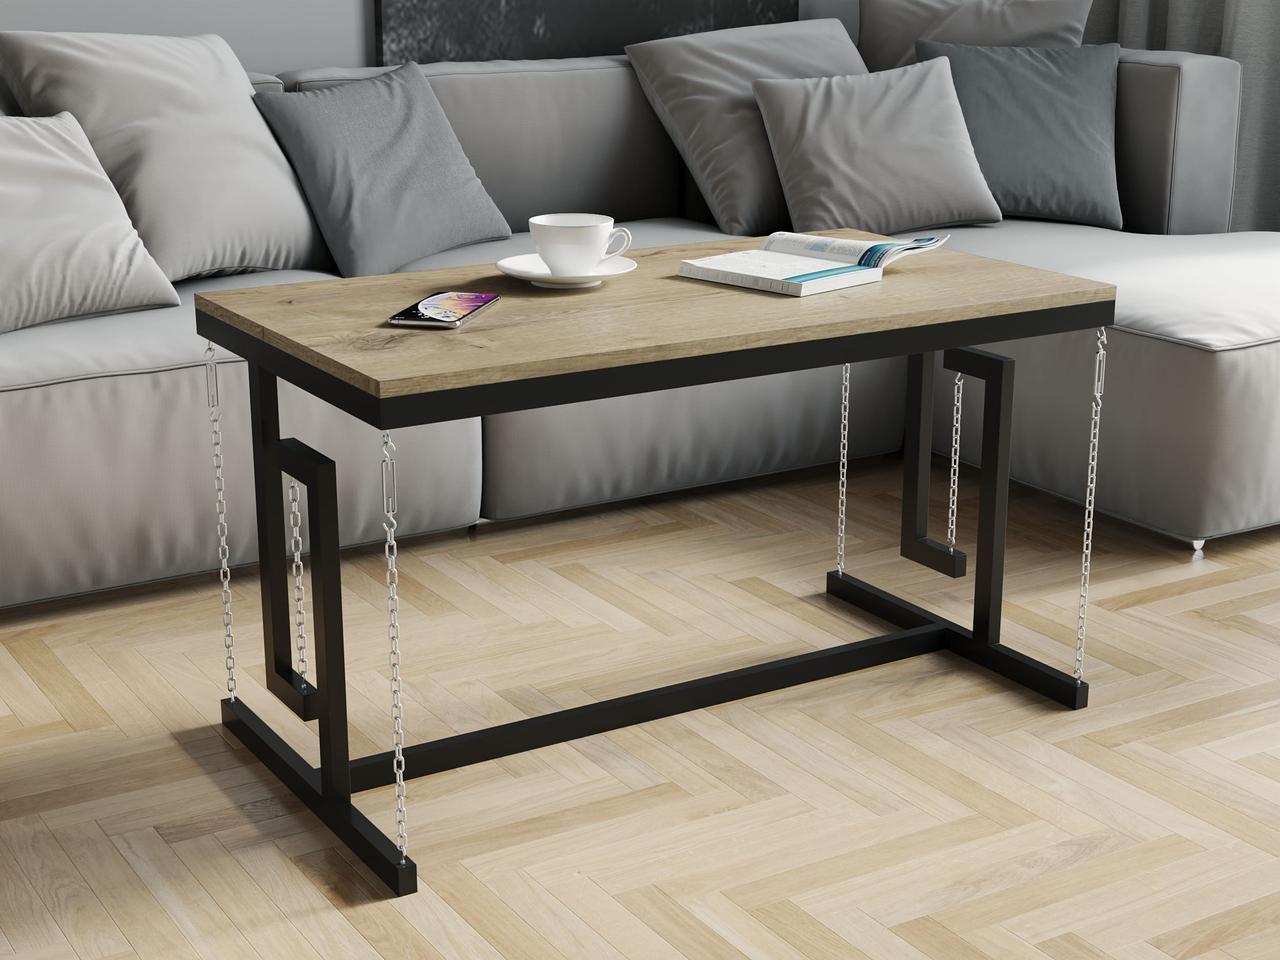 Журнальный столик в стиле лофт из ДСП. КОД: VZ-55